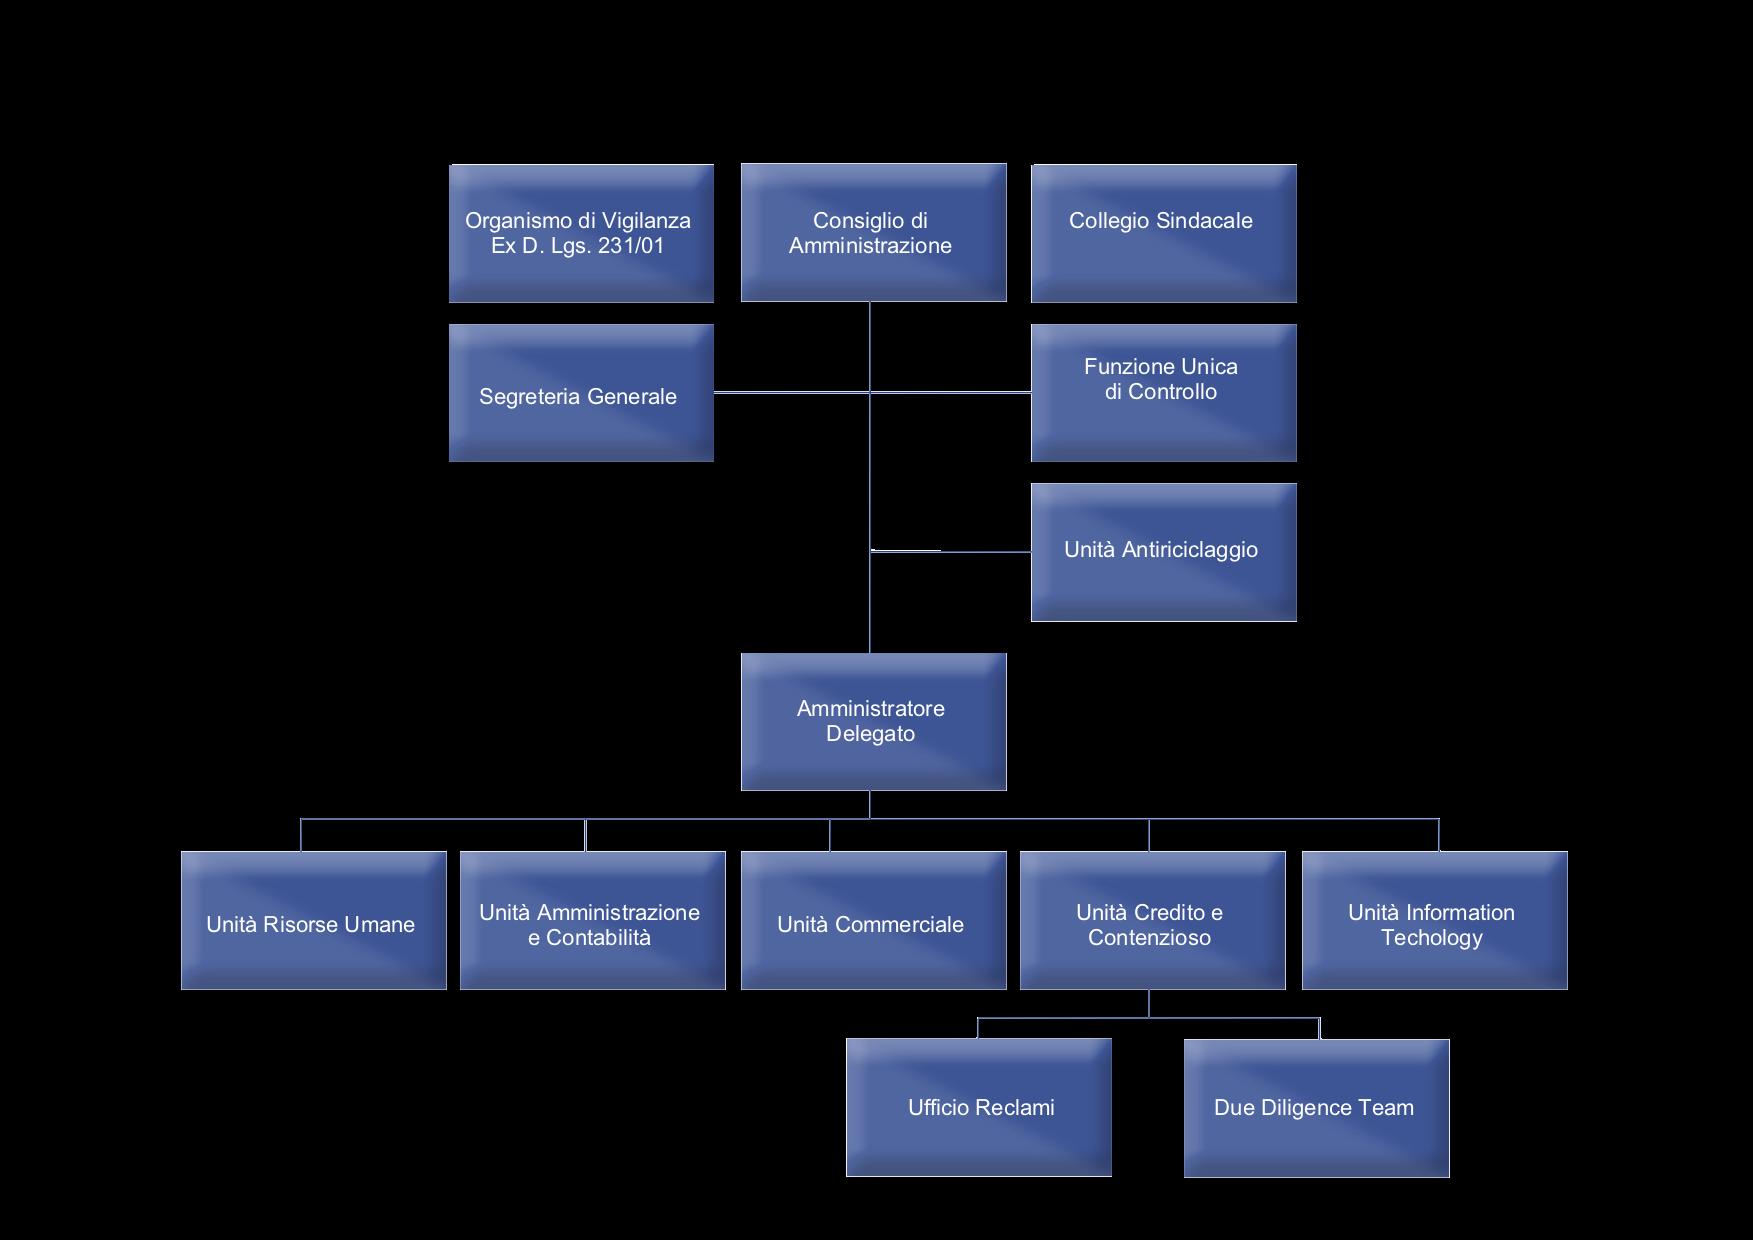 Organigramma La Colombo Finanziaria